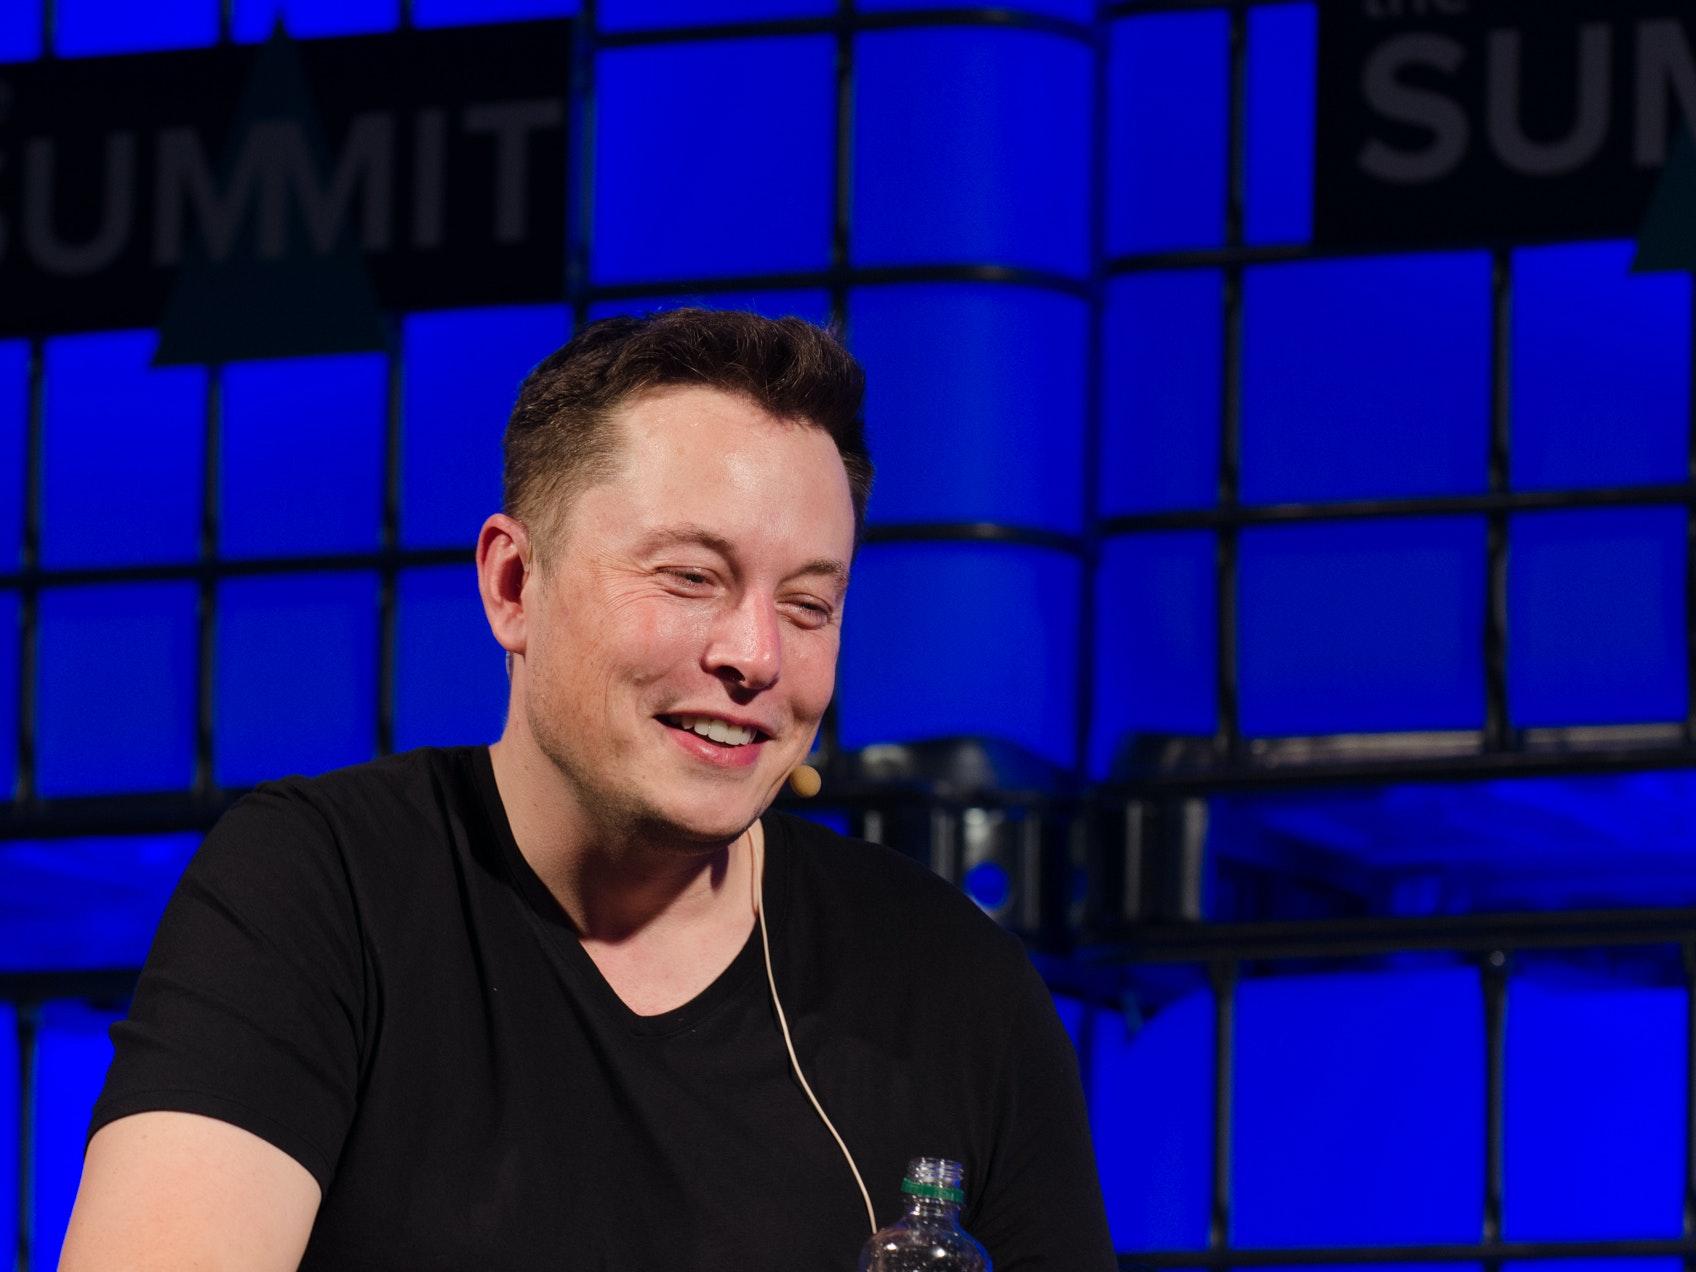 Elon Musk - The Summit 2013